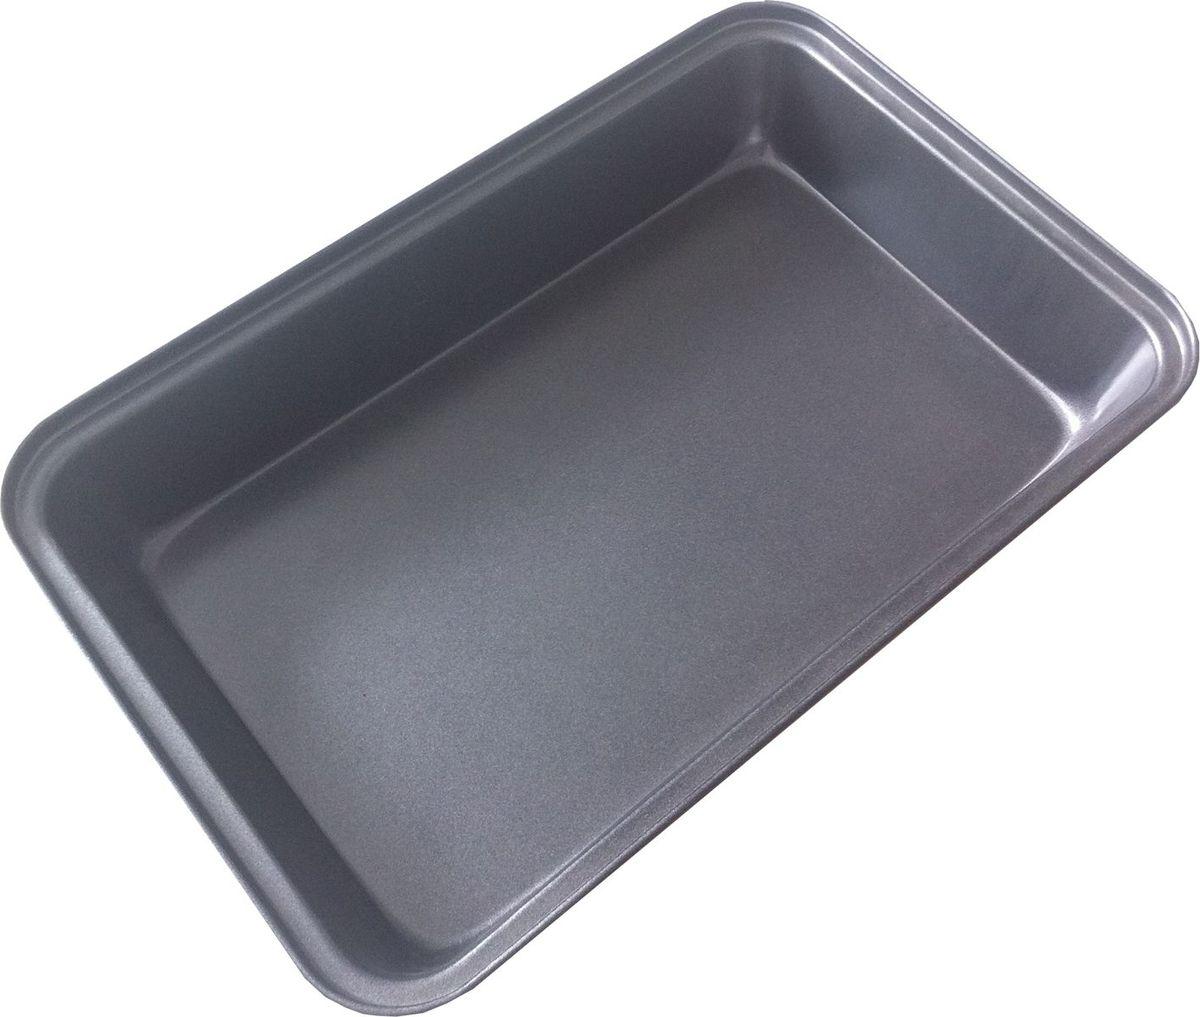 Форма для выпечки Irit, прямоугольная, цвет: черный, 34 х 24 х 6 смIRH-928Форма для выпечки Irit изготовлена из листового железа. Форма имеет стойкое к истиранию антипригарное покрытие GOLDFLON. Подходит для использования в газовых и электрических духовках. Можно мыть в посудомоечной машине.